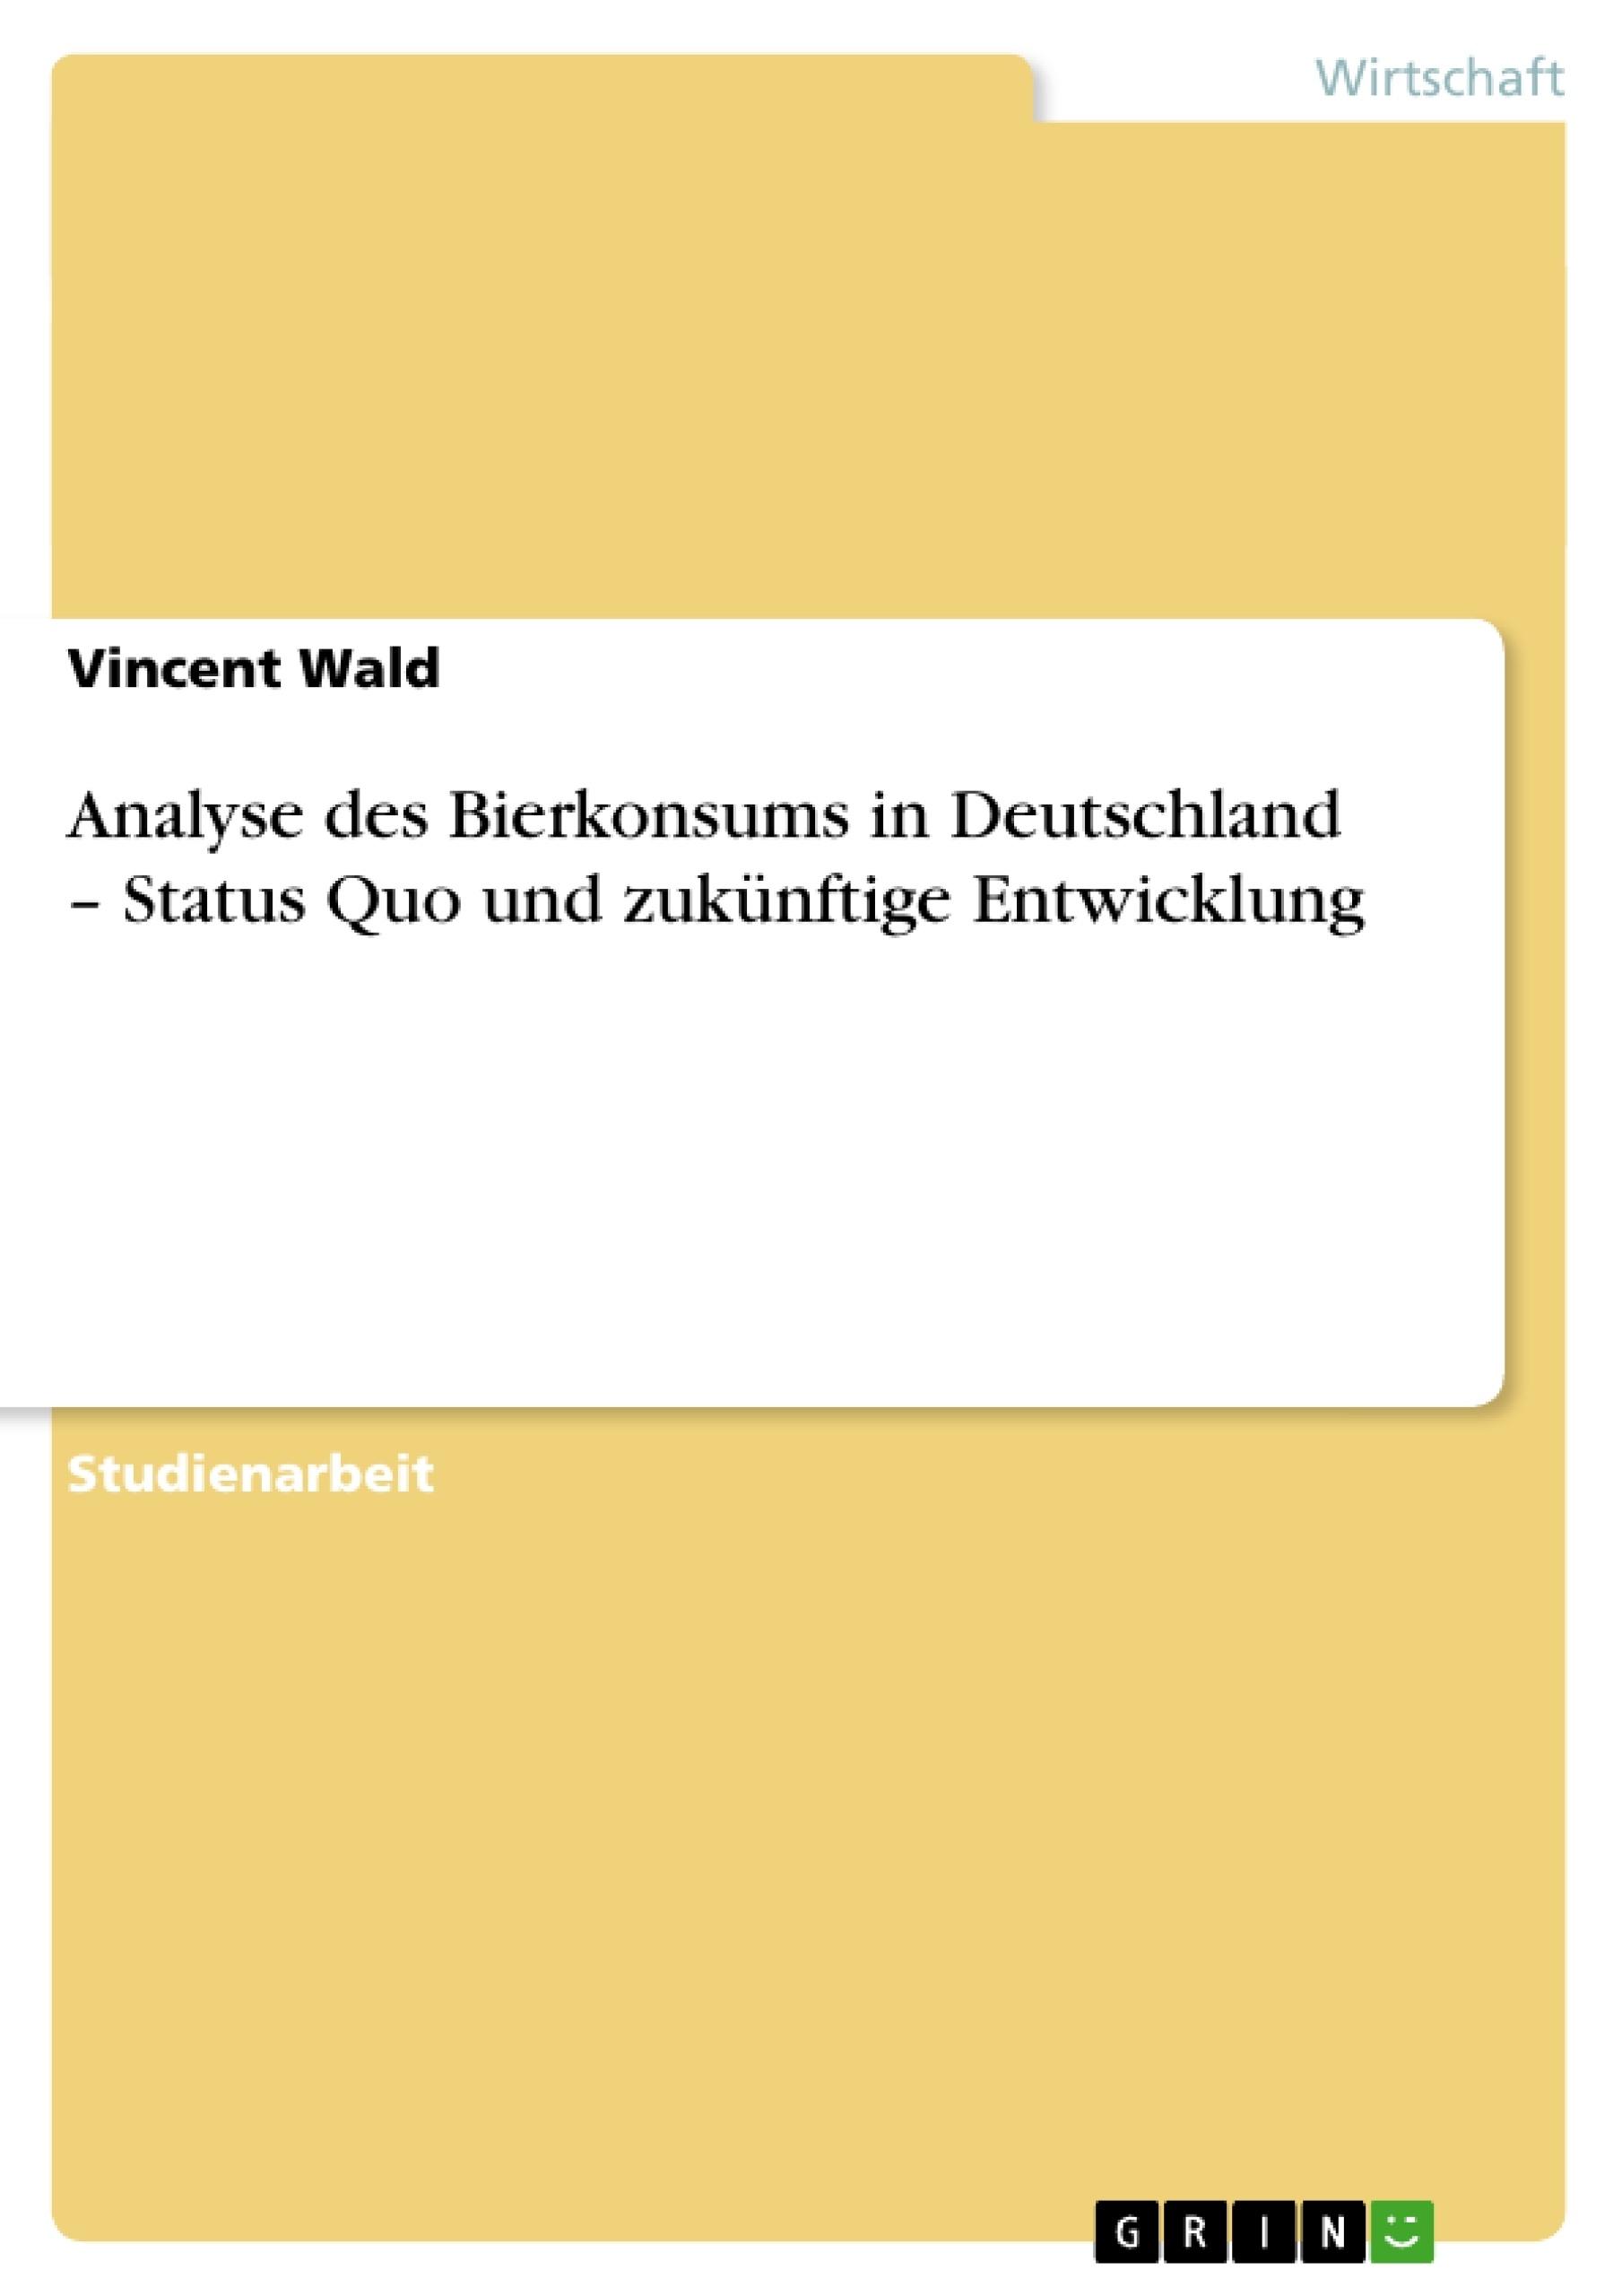 Titel: Analyse des Bierkonsums in Deutschland – Status Quo und zukünftige Entwicklung